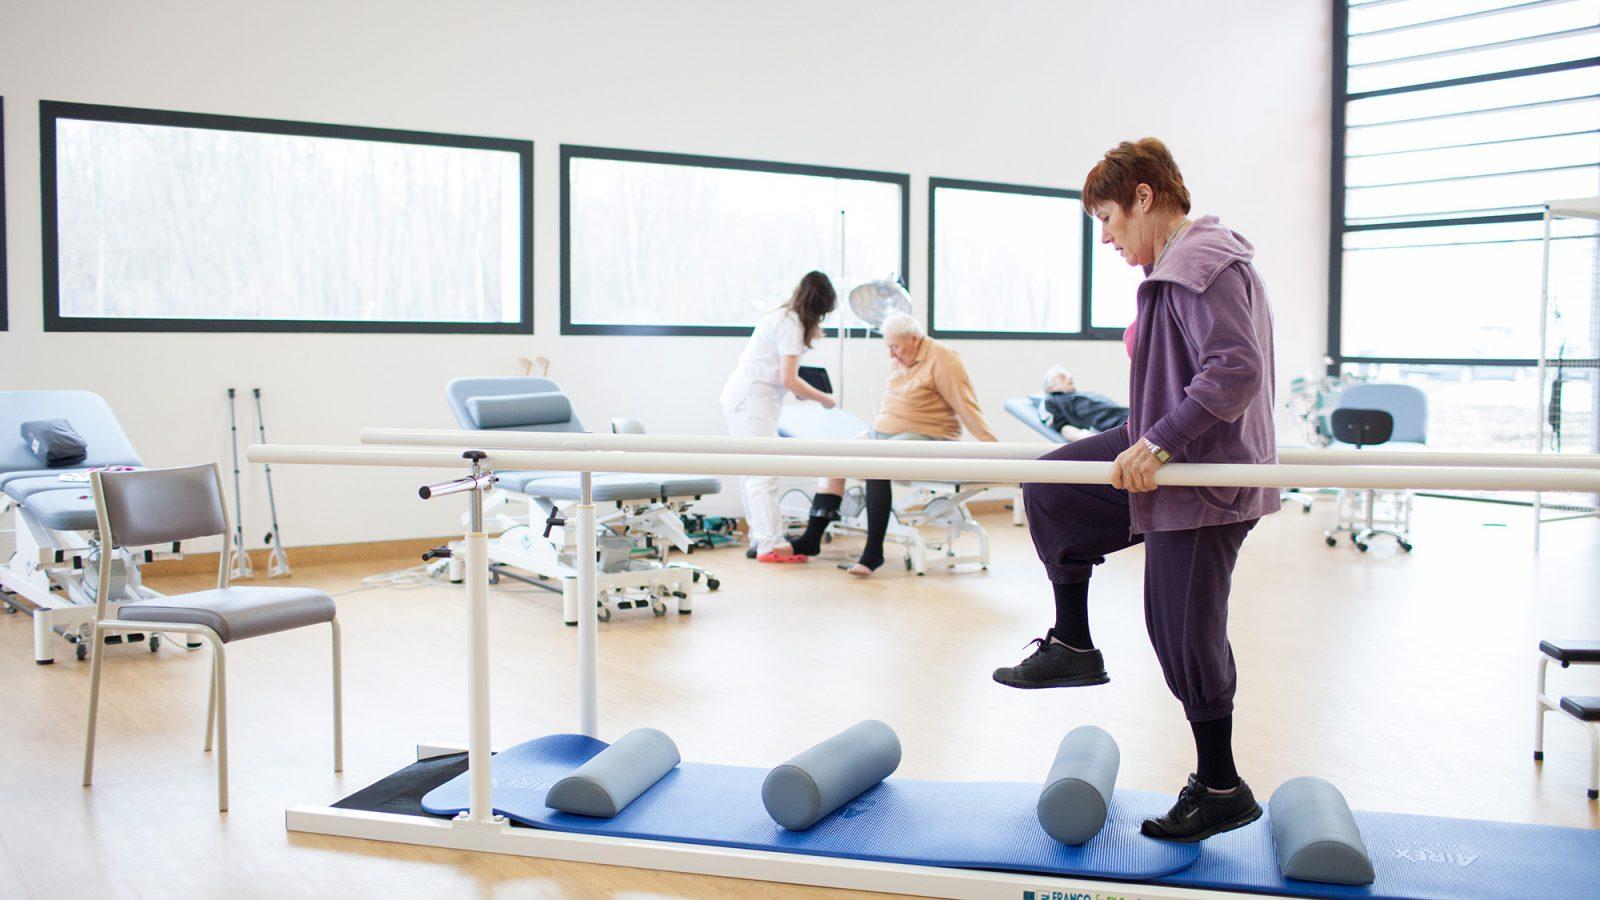 Une patiente pratique un éxercice de marche en évitant des obstacles